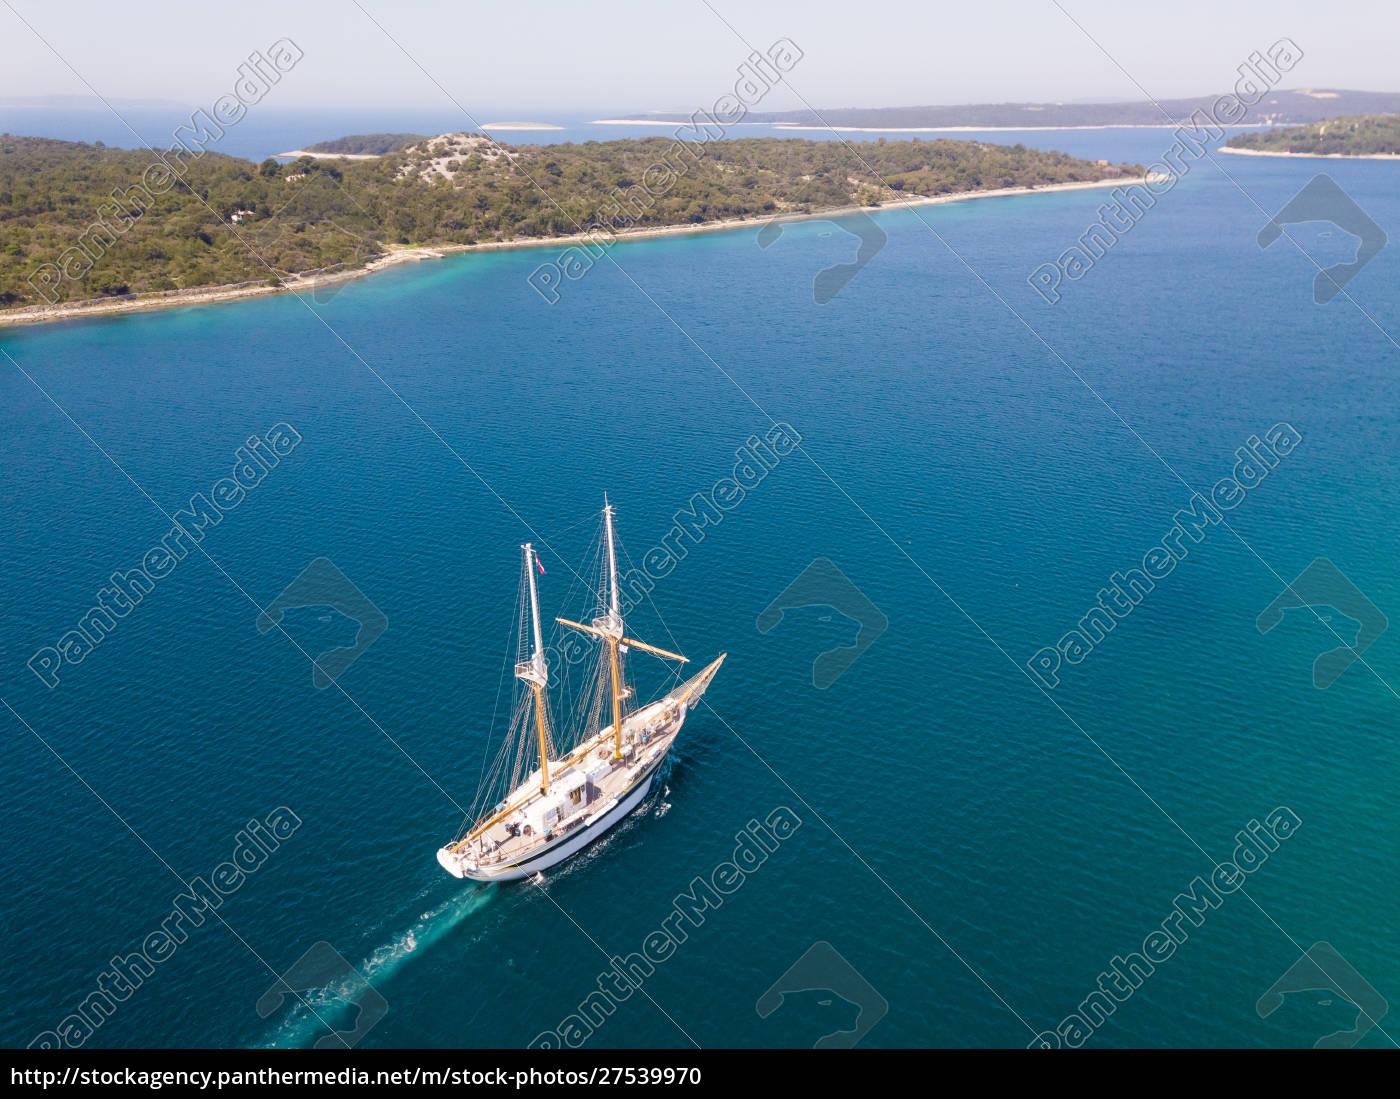 luftaufnahme, des, touristischen, segelbootes, über, die - 27539970